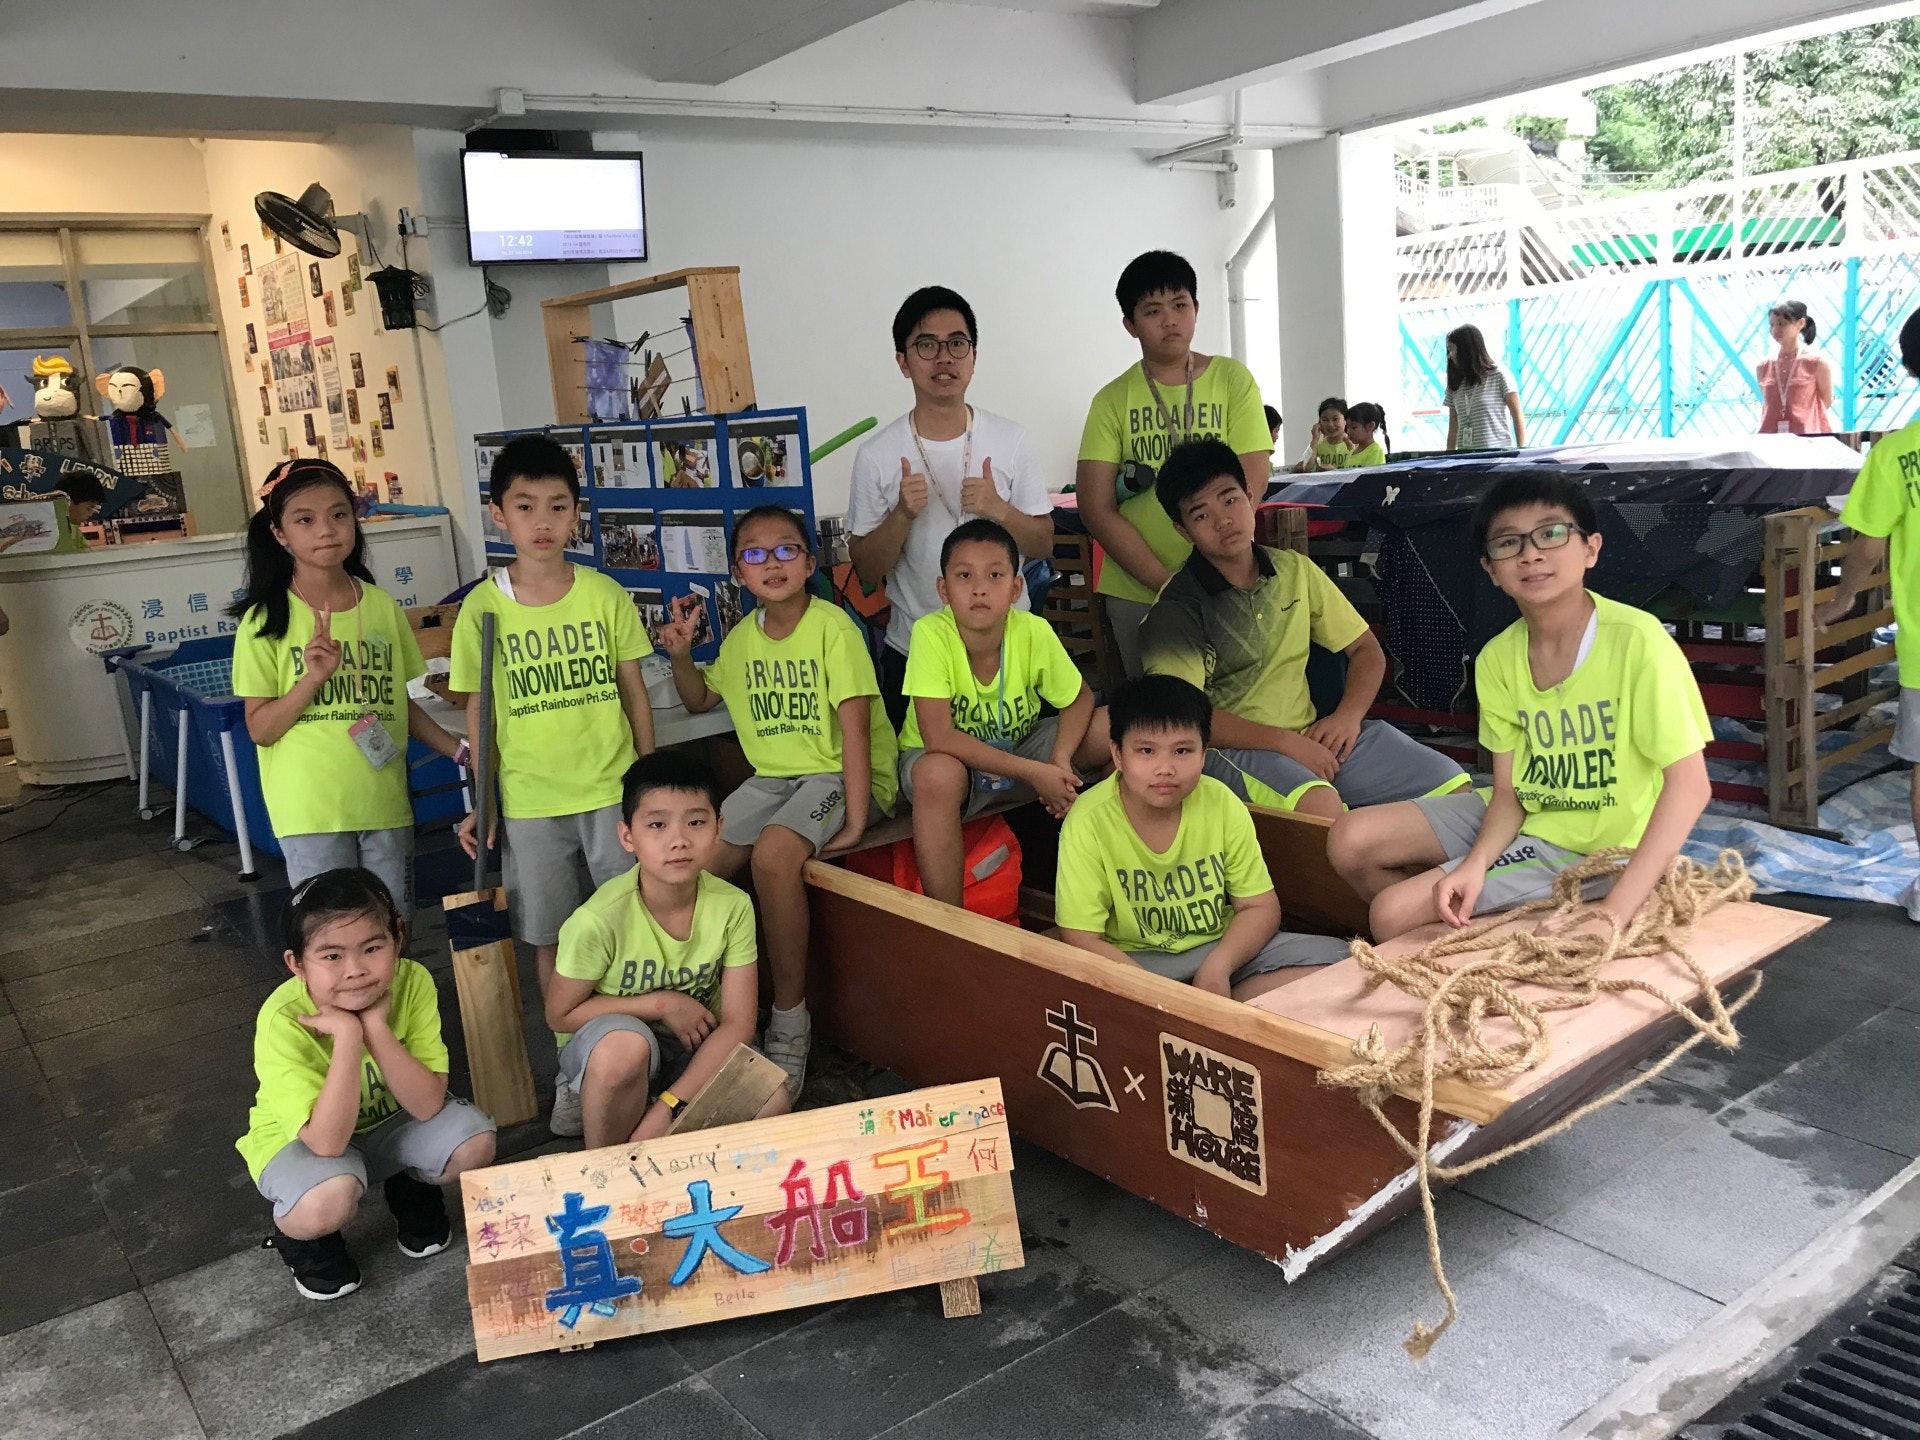 負責帶領此組的伍展鴻老師說,打算邀請香港風帆協會學校合作,明年體育課可將小船加入課程,讓有份設計的同學及高年級同學試乘小船。(鄧穎琳攝)